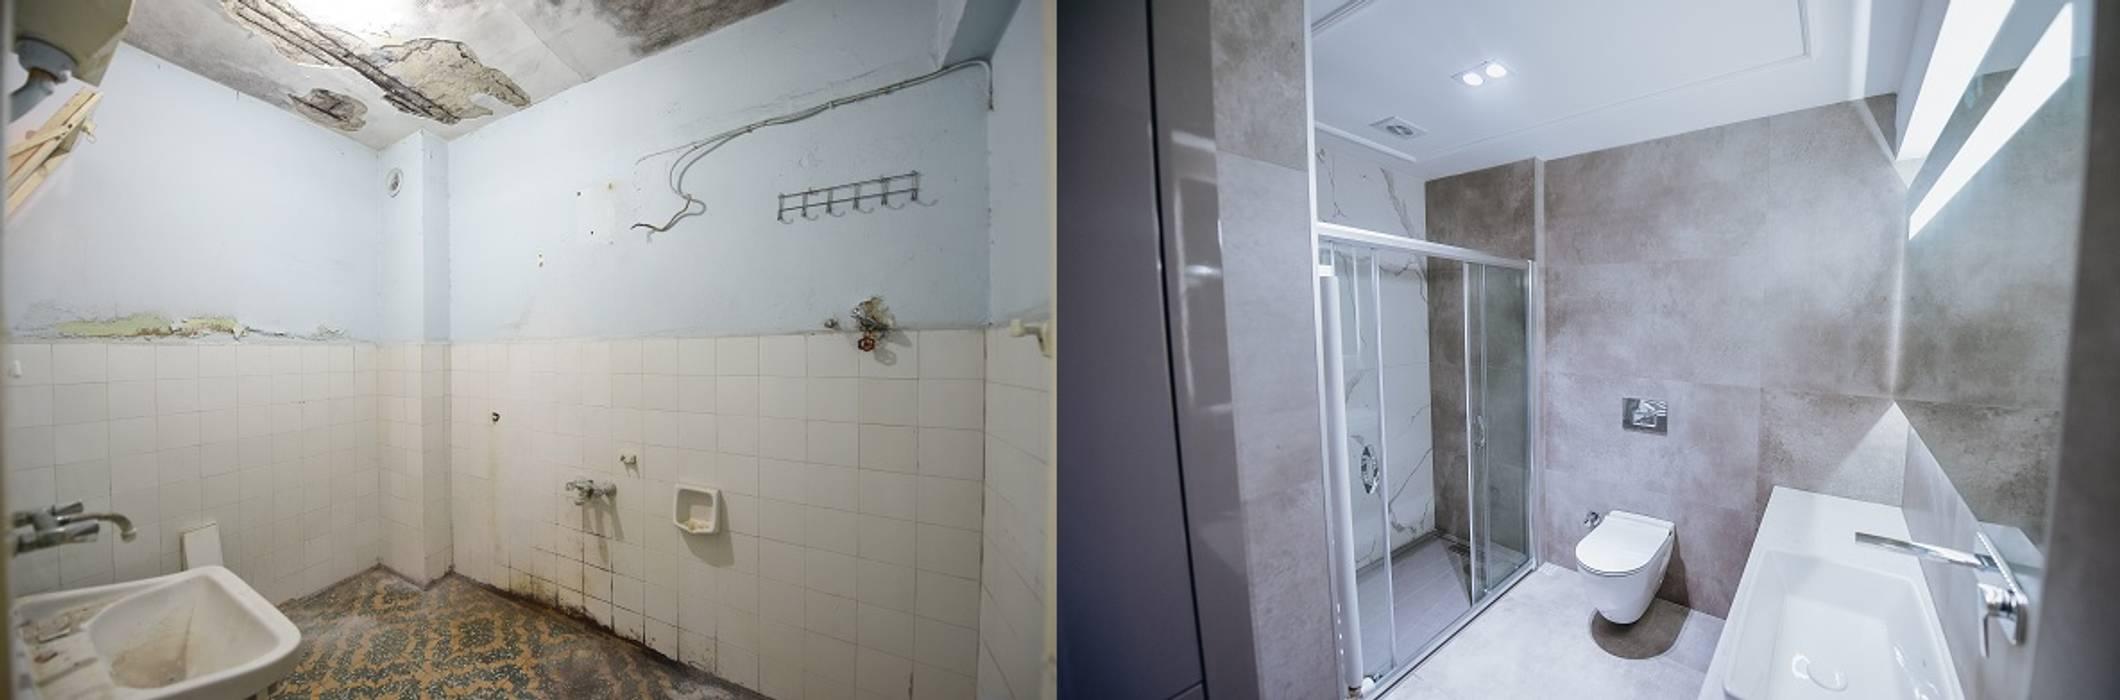 Orby İnşaat Mimarlık – Banyo - Öncesi / Sonrası:  tarz